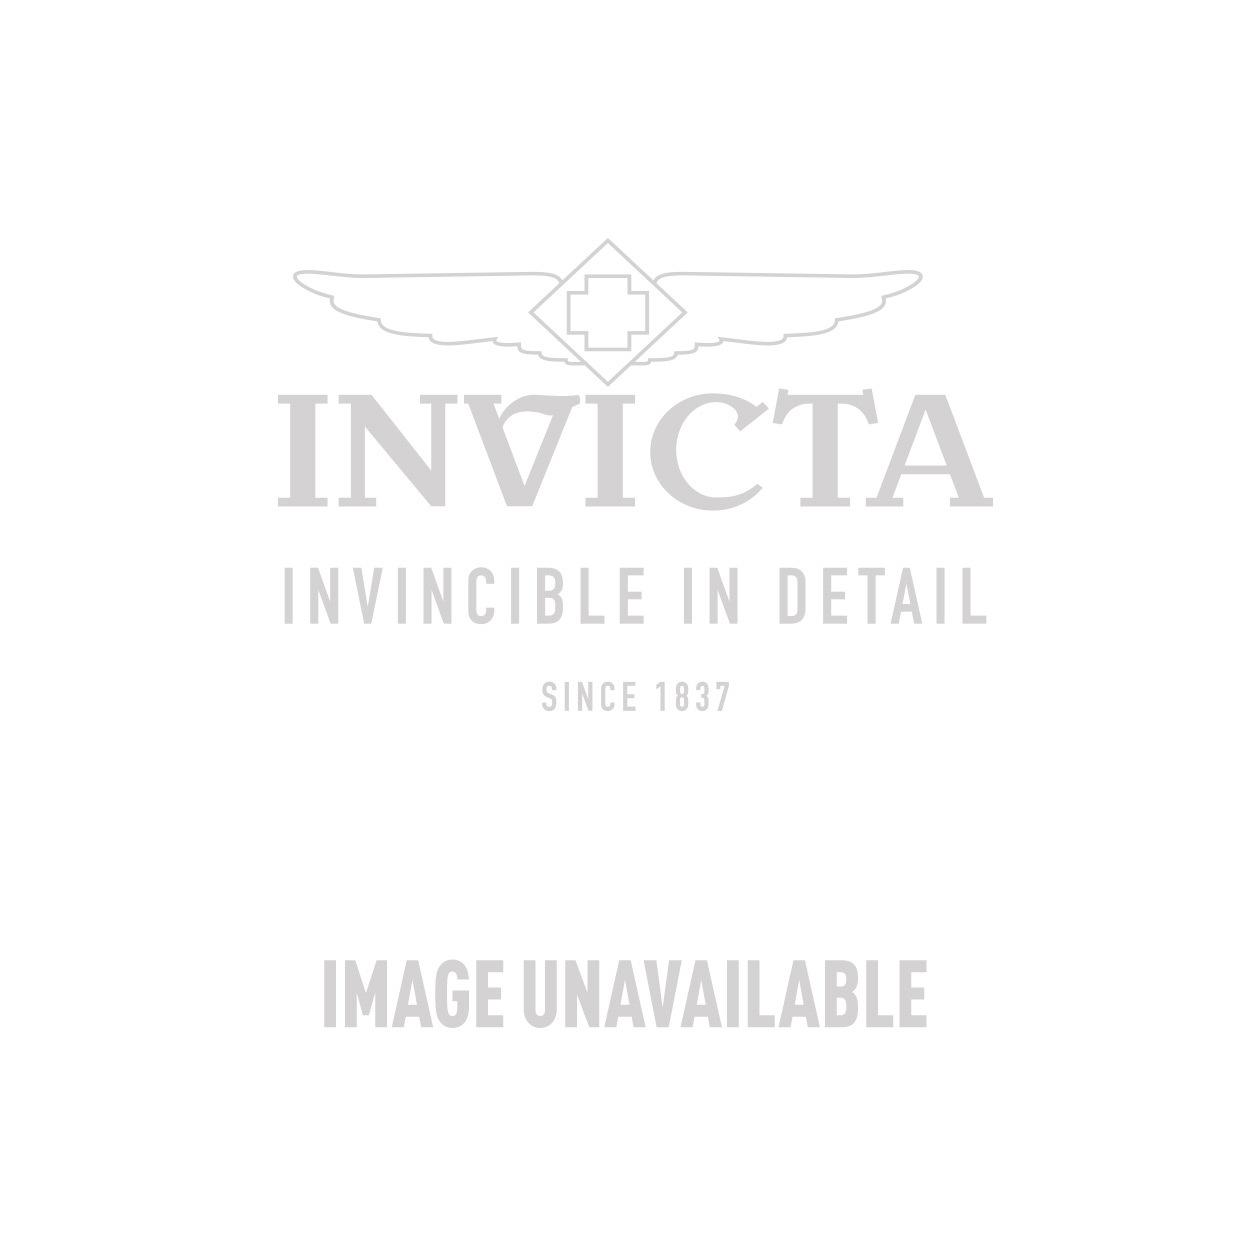 Invicta Model 28697